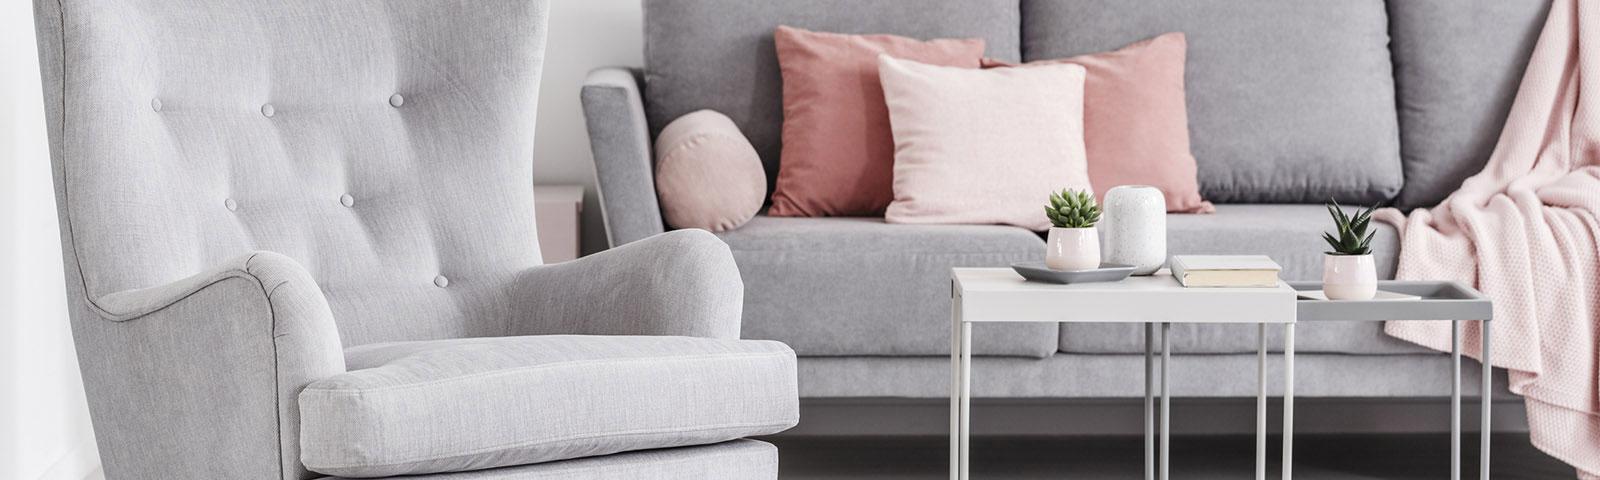 Jak łączyć poduszki na kanapie? 3 najlepsze kombinacje!